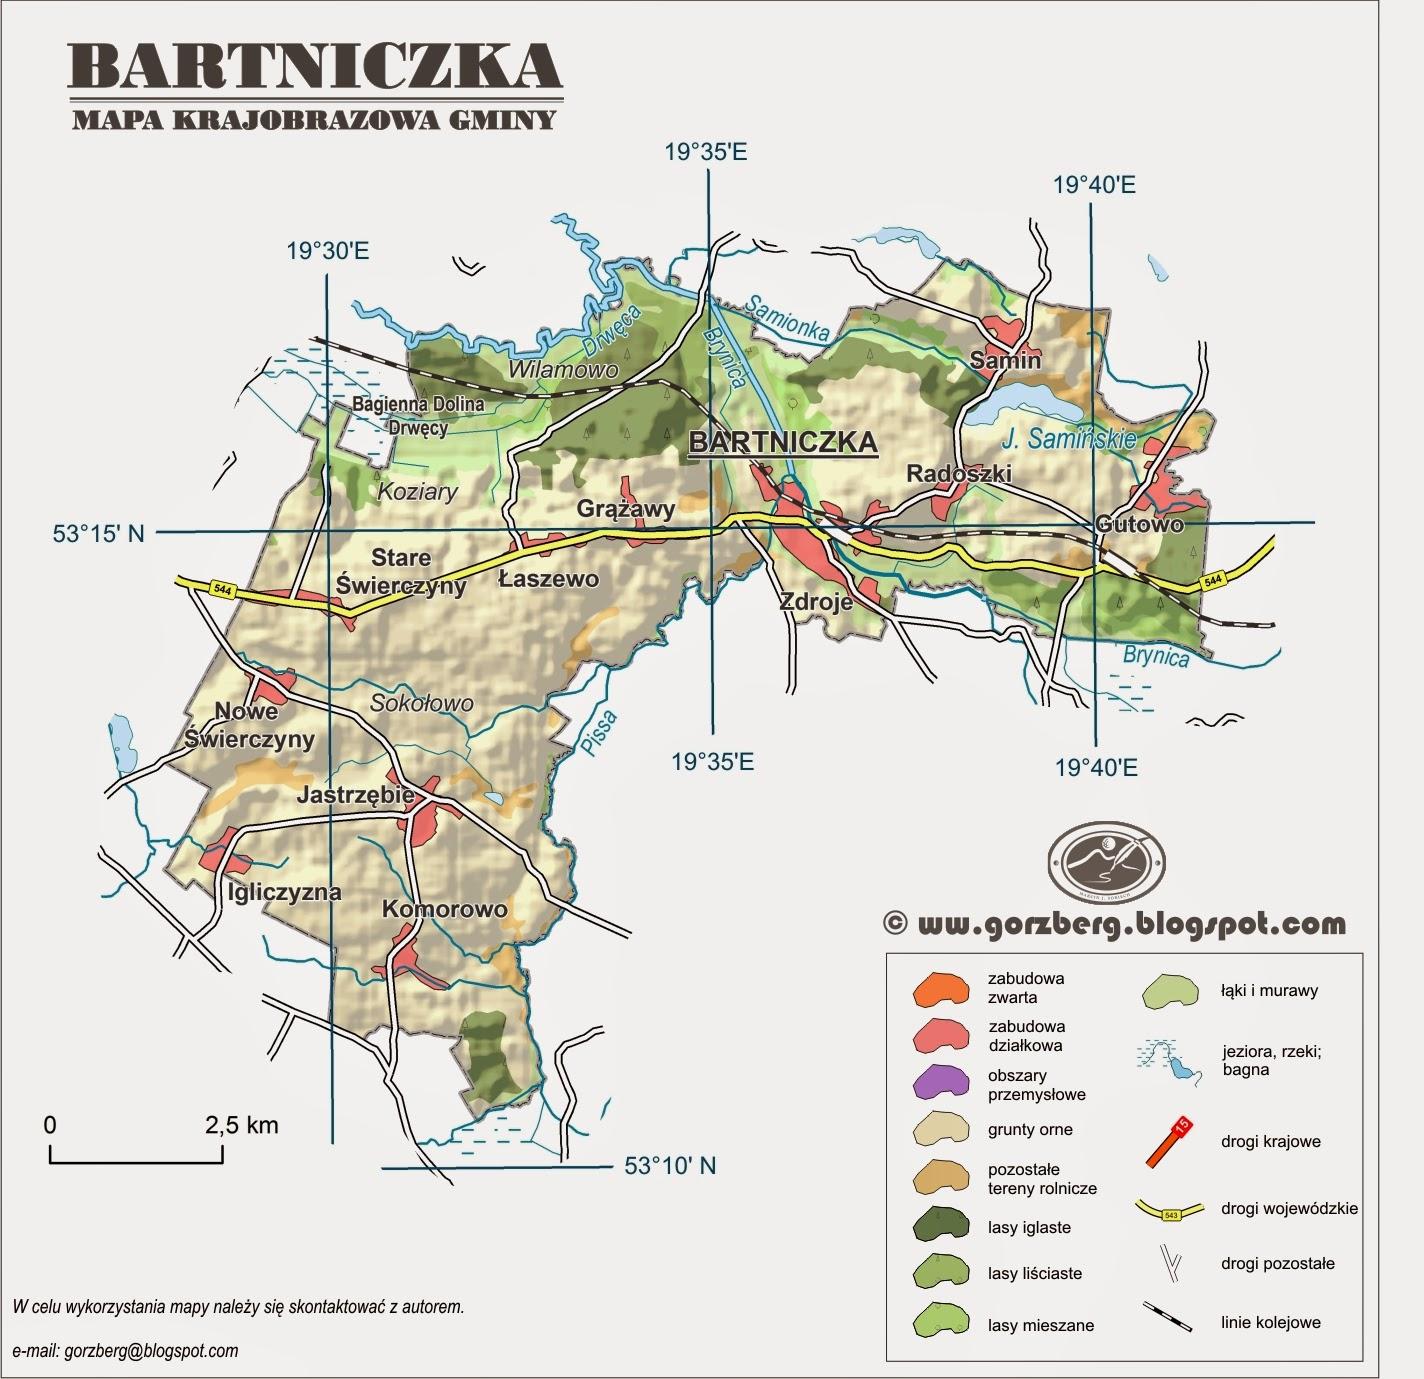 Mapa krajobrazowa